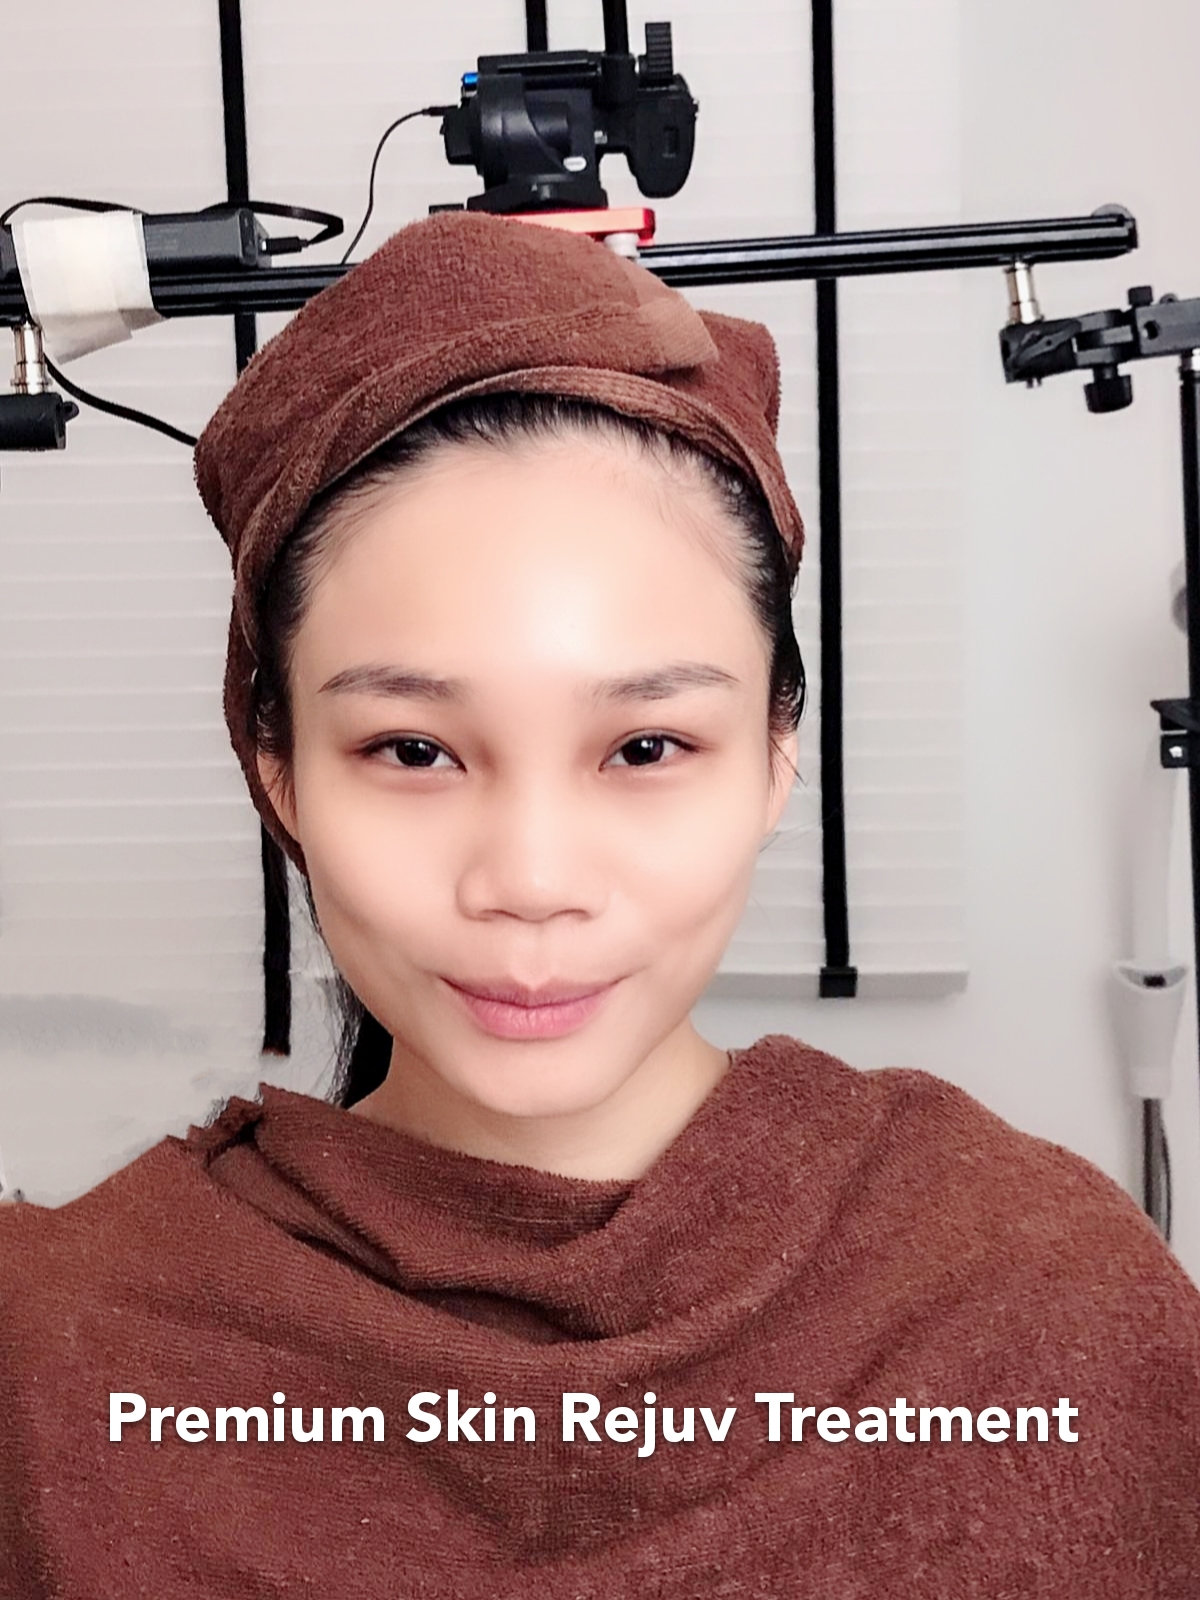 Premium Skin Rejuv Treatment